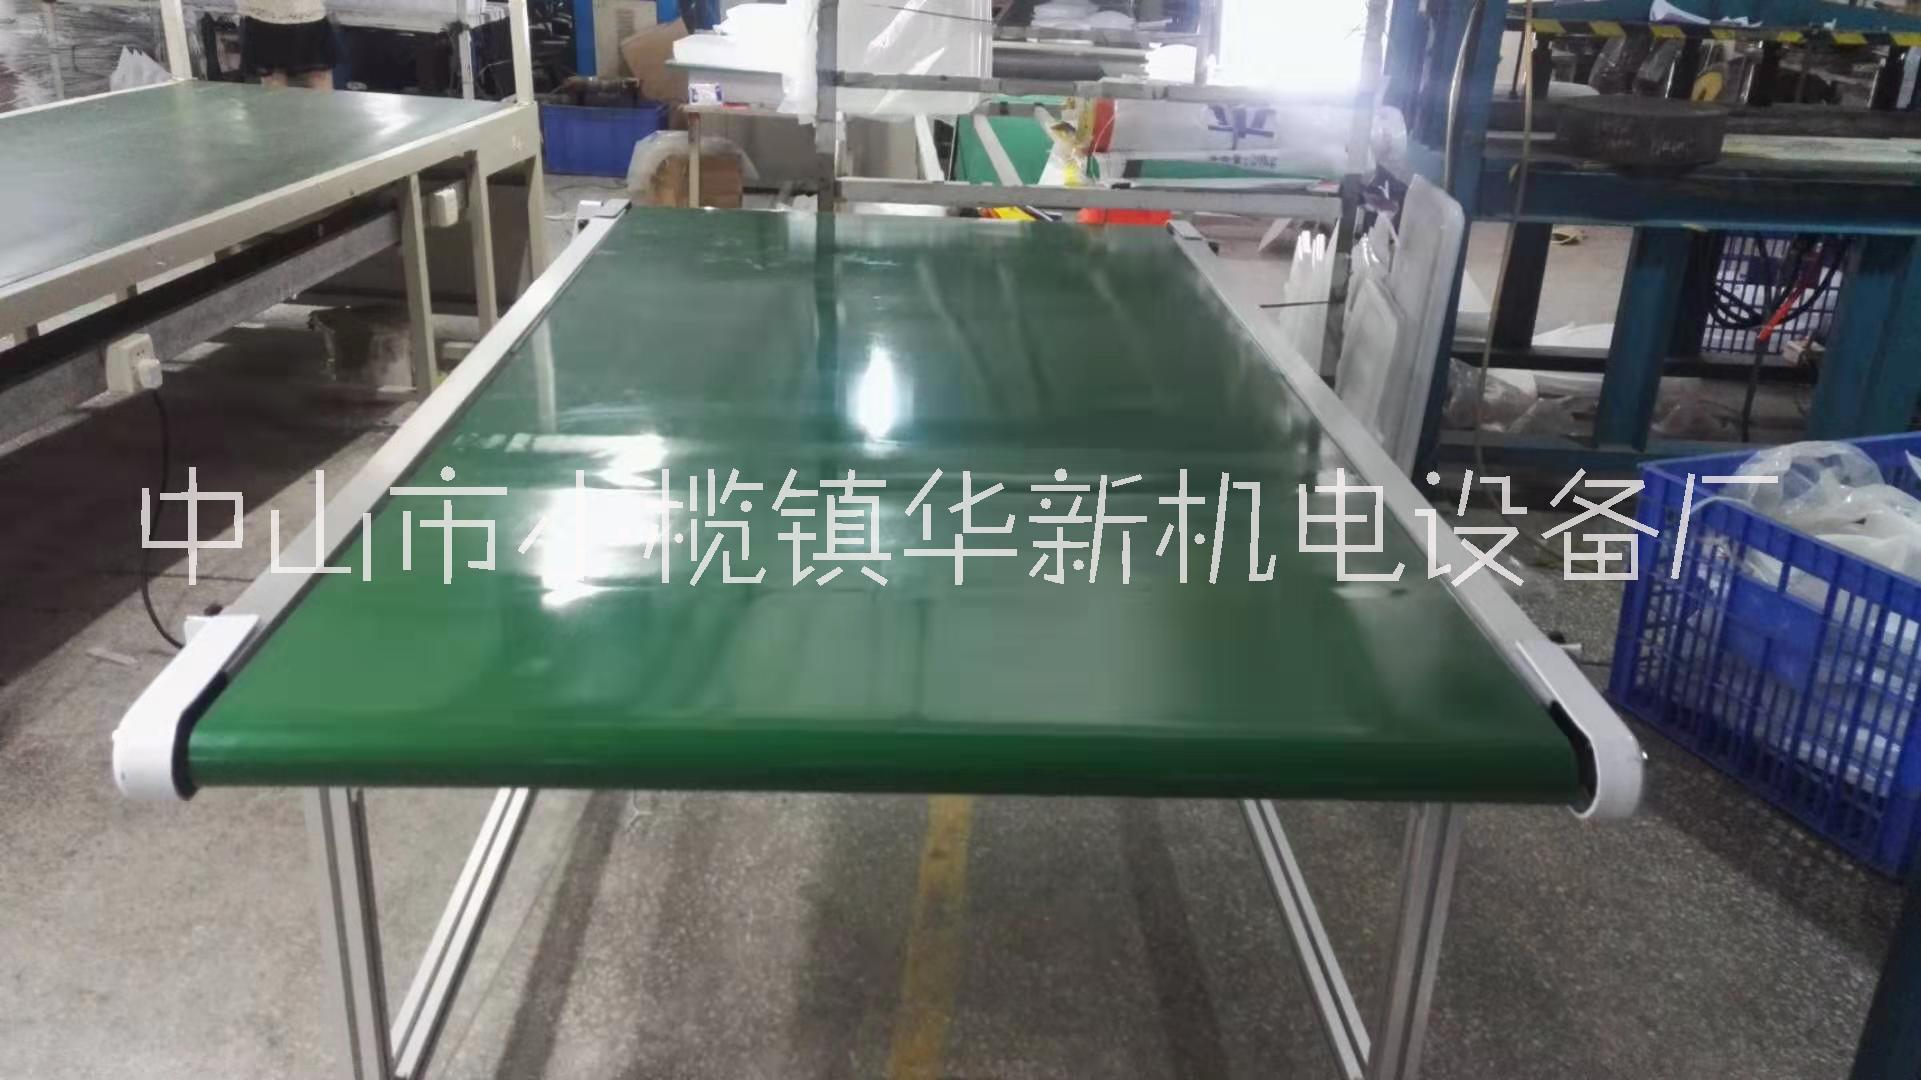 中山铝材平面皮带组装线厂-厂家电话-价格-华新机电设备厂